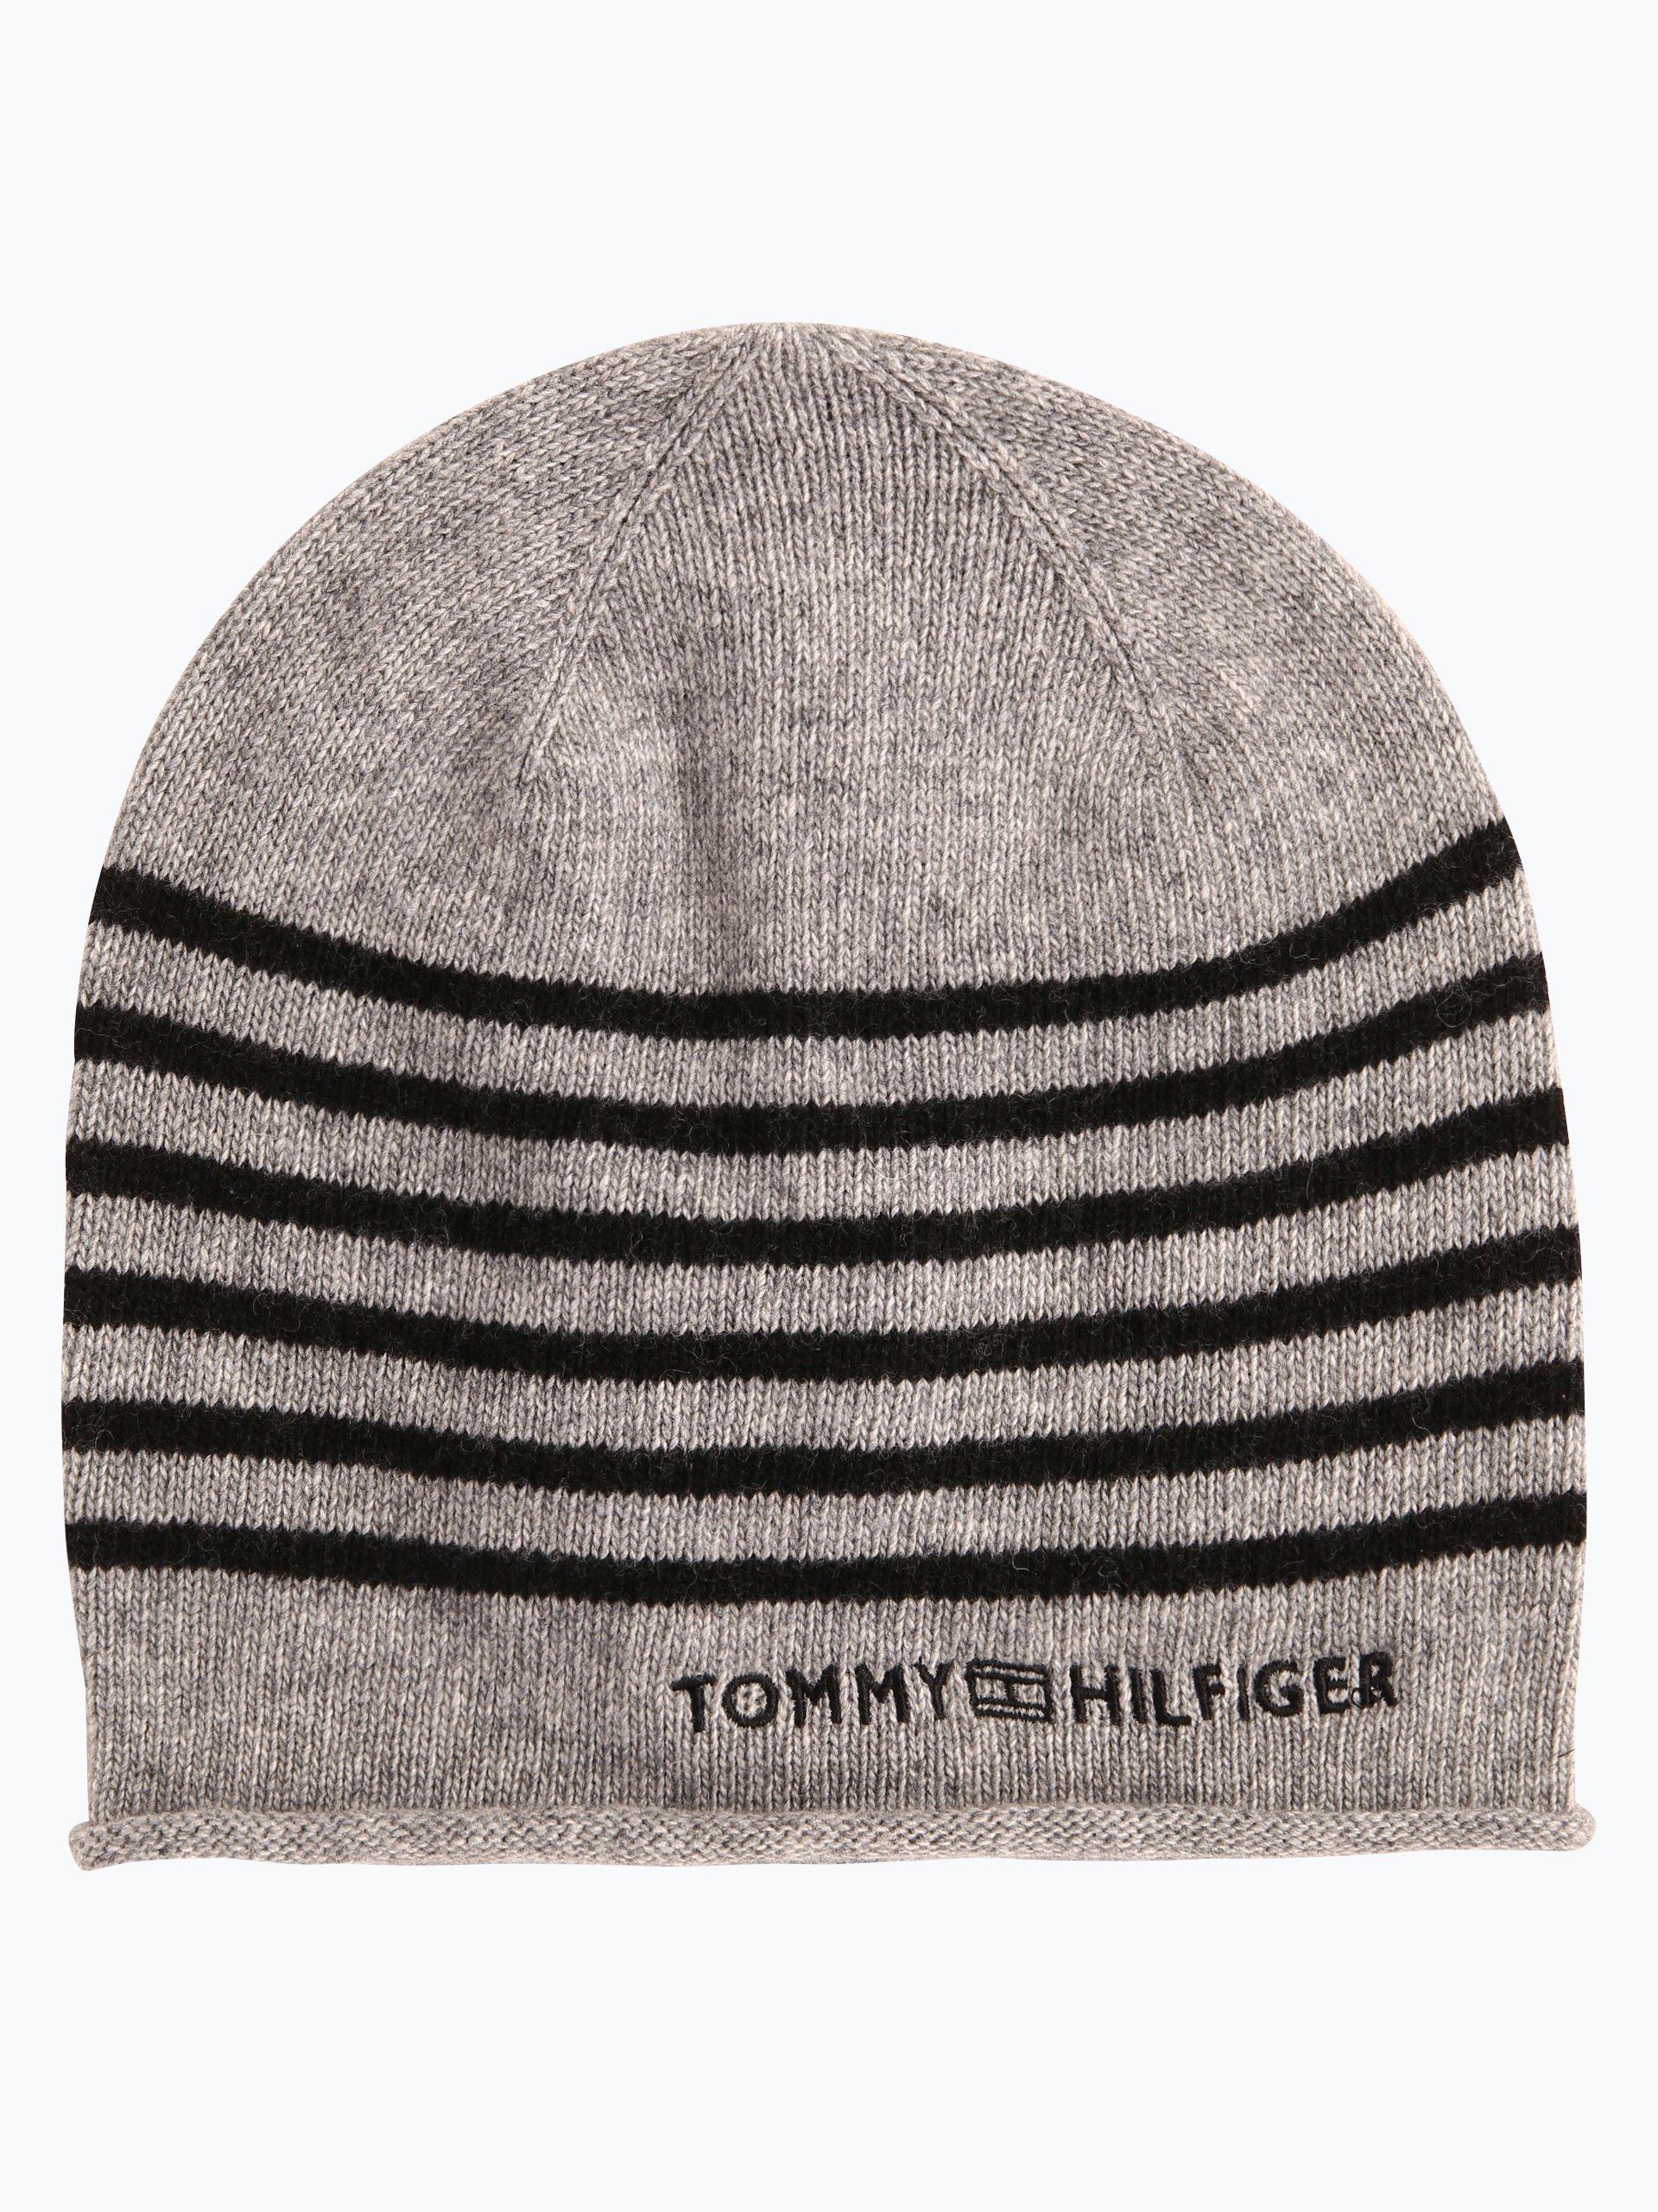 Tommy Hilfiger Damen Mütze mit Cashmere-Anteil